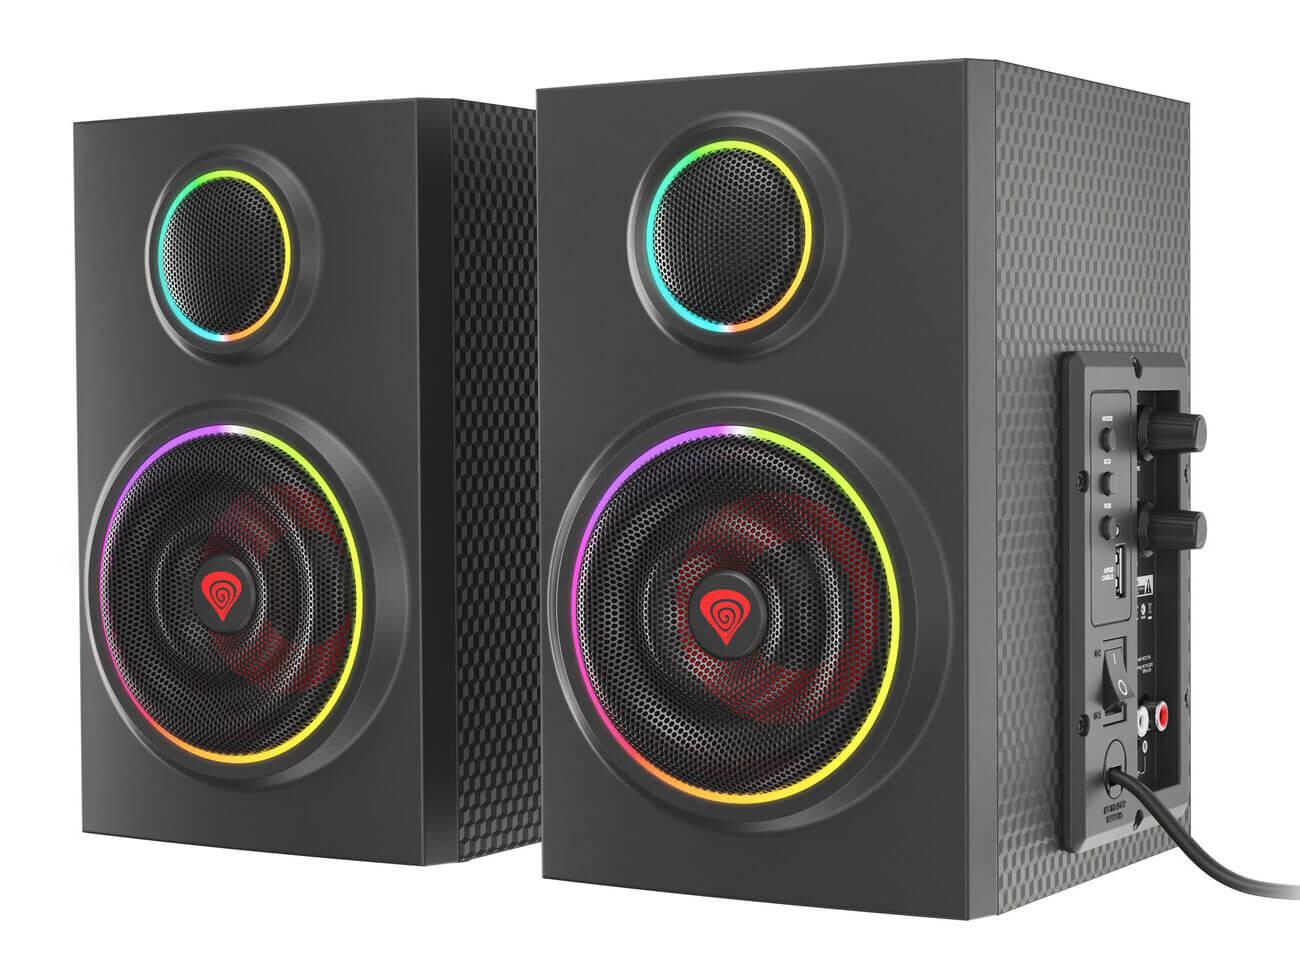 Genesis Helium 300BT sonido potente y personalización